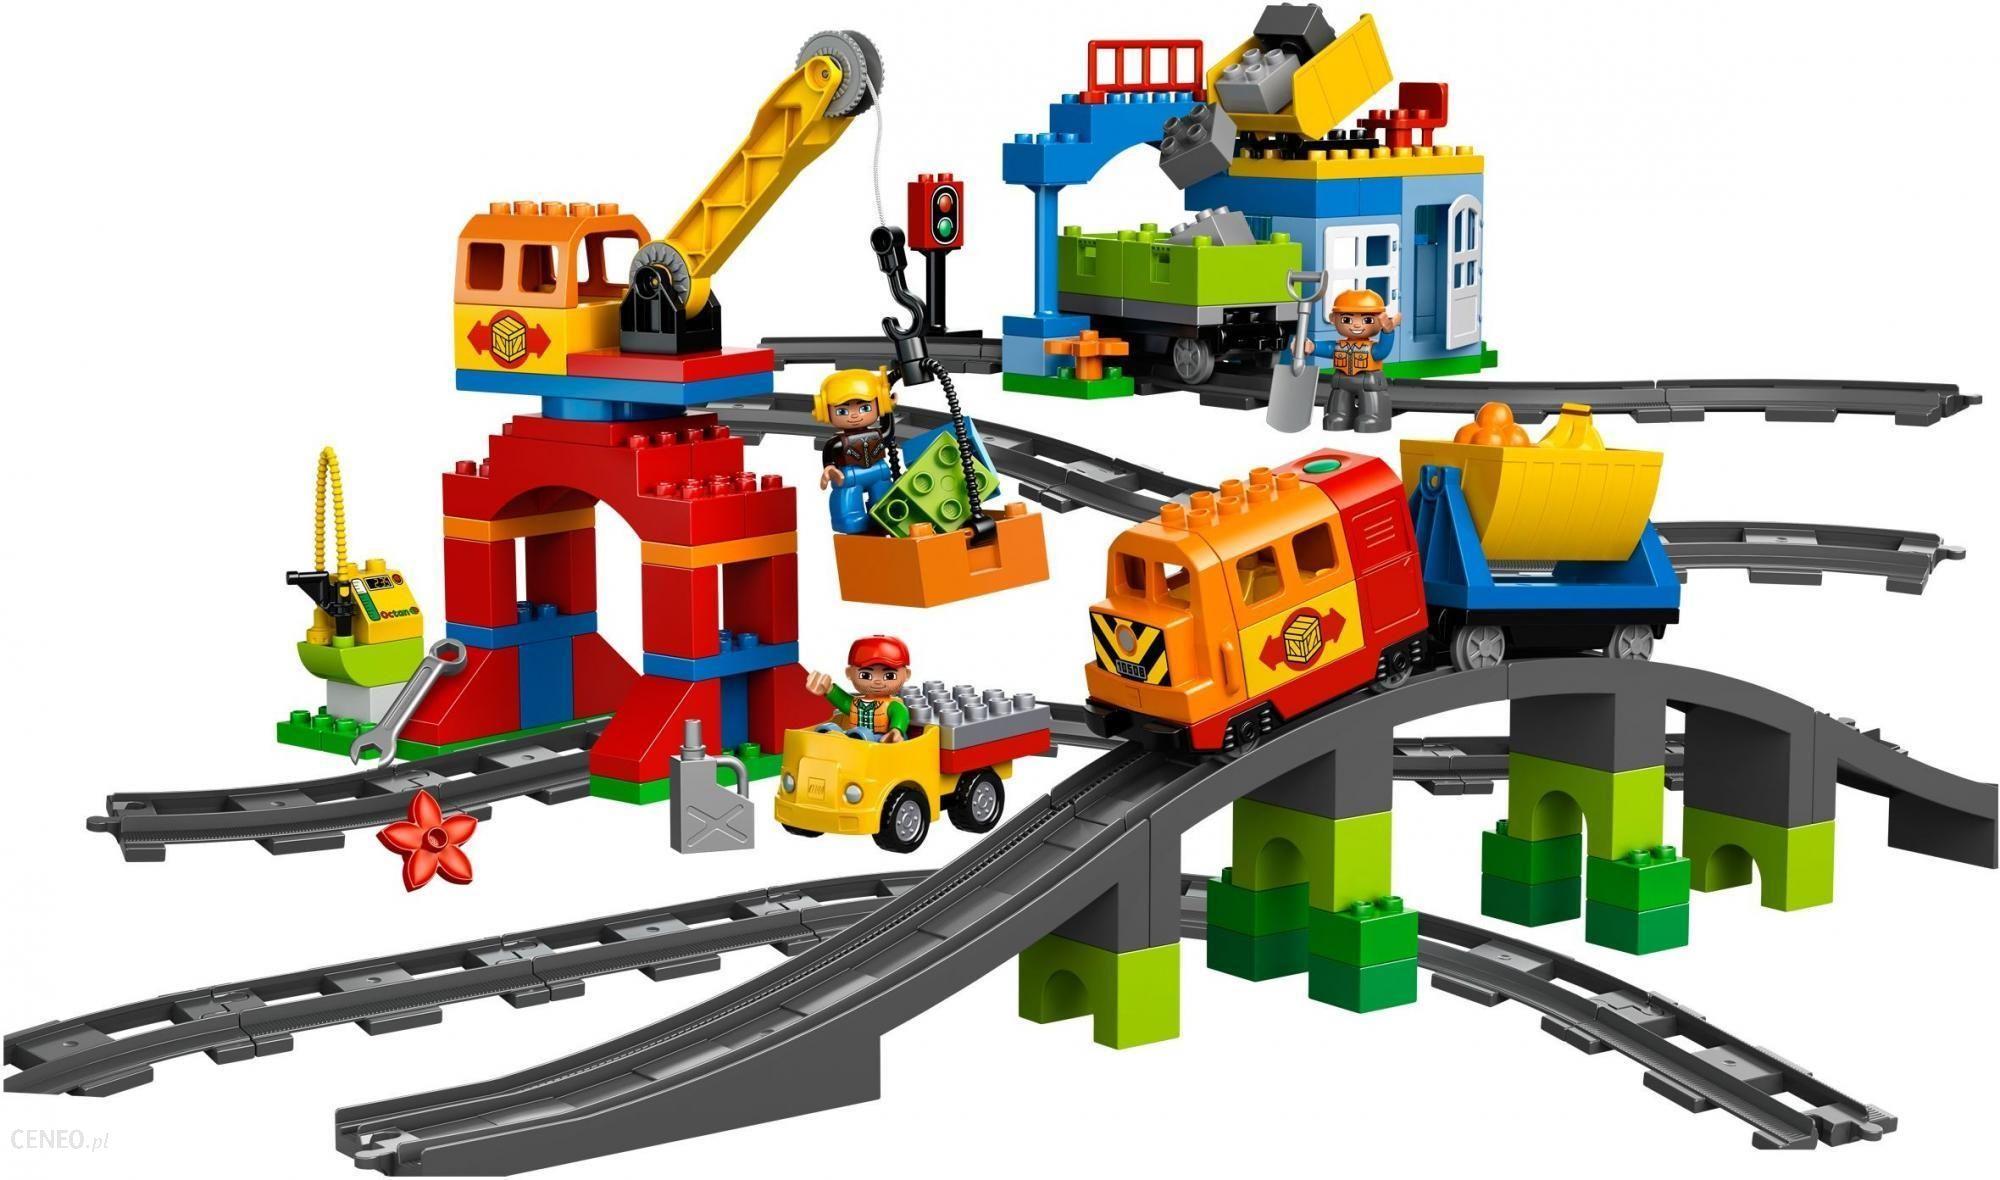 Klocki Lego Duplo Pociąg 10508 Ceny I Opinie Ceneopl